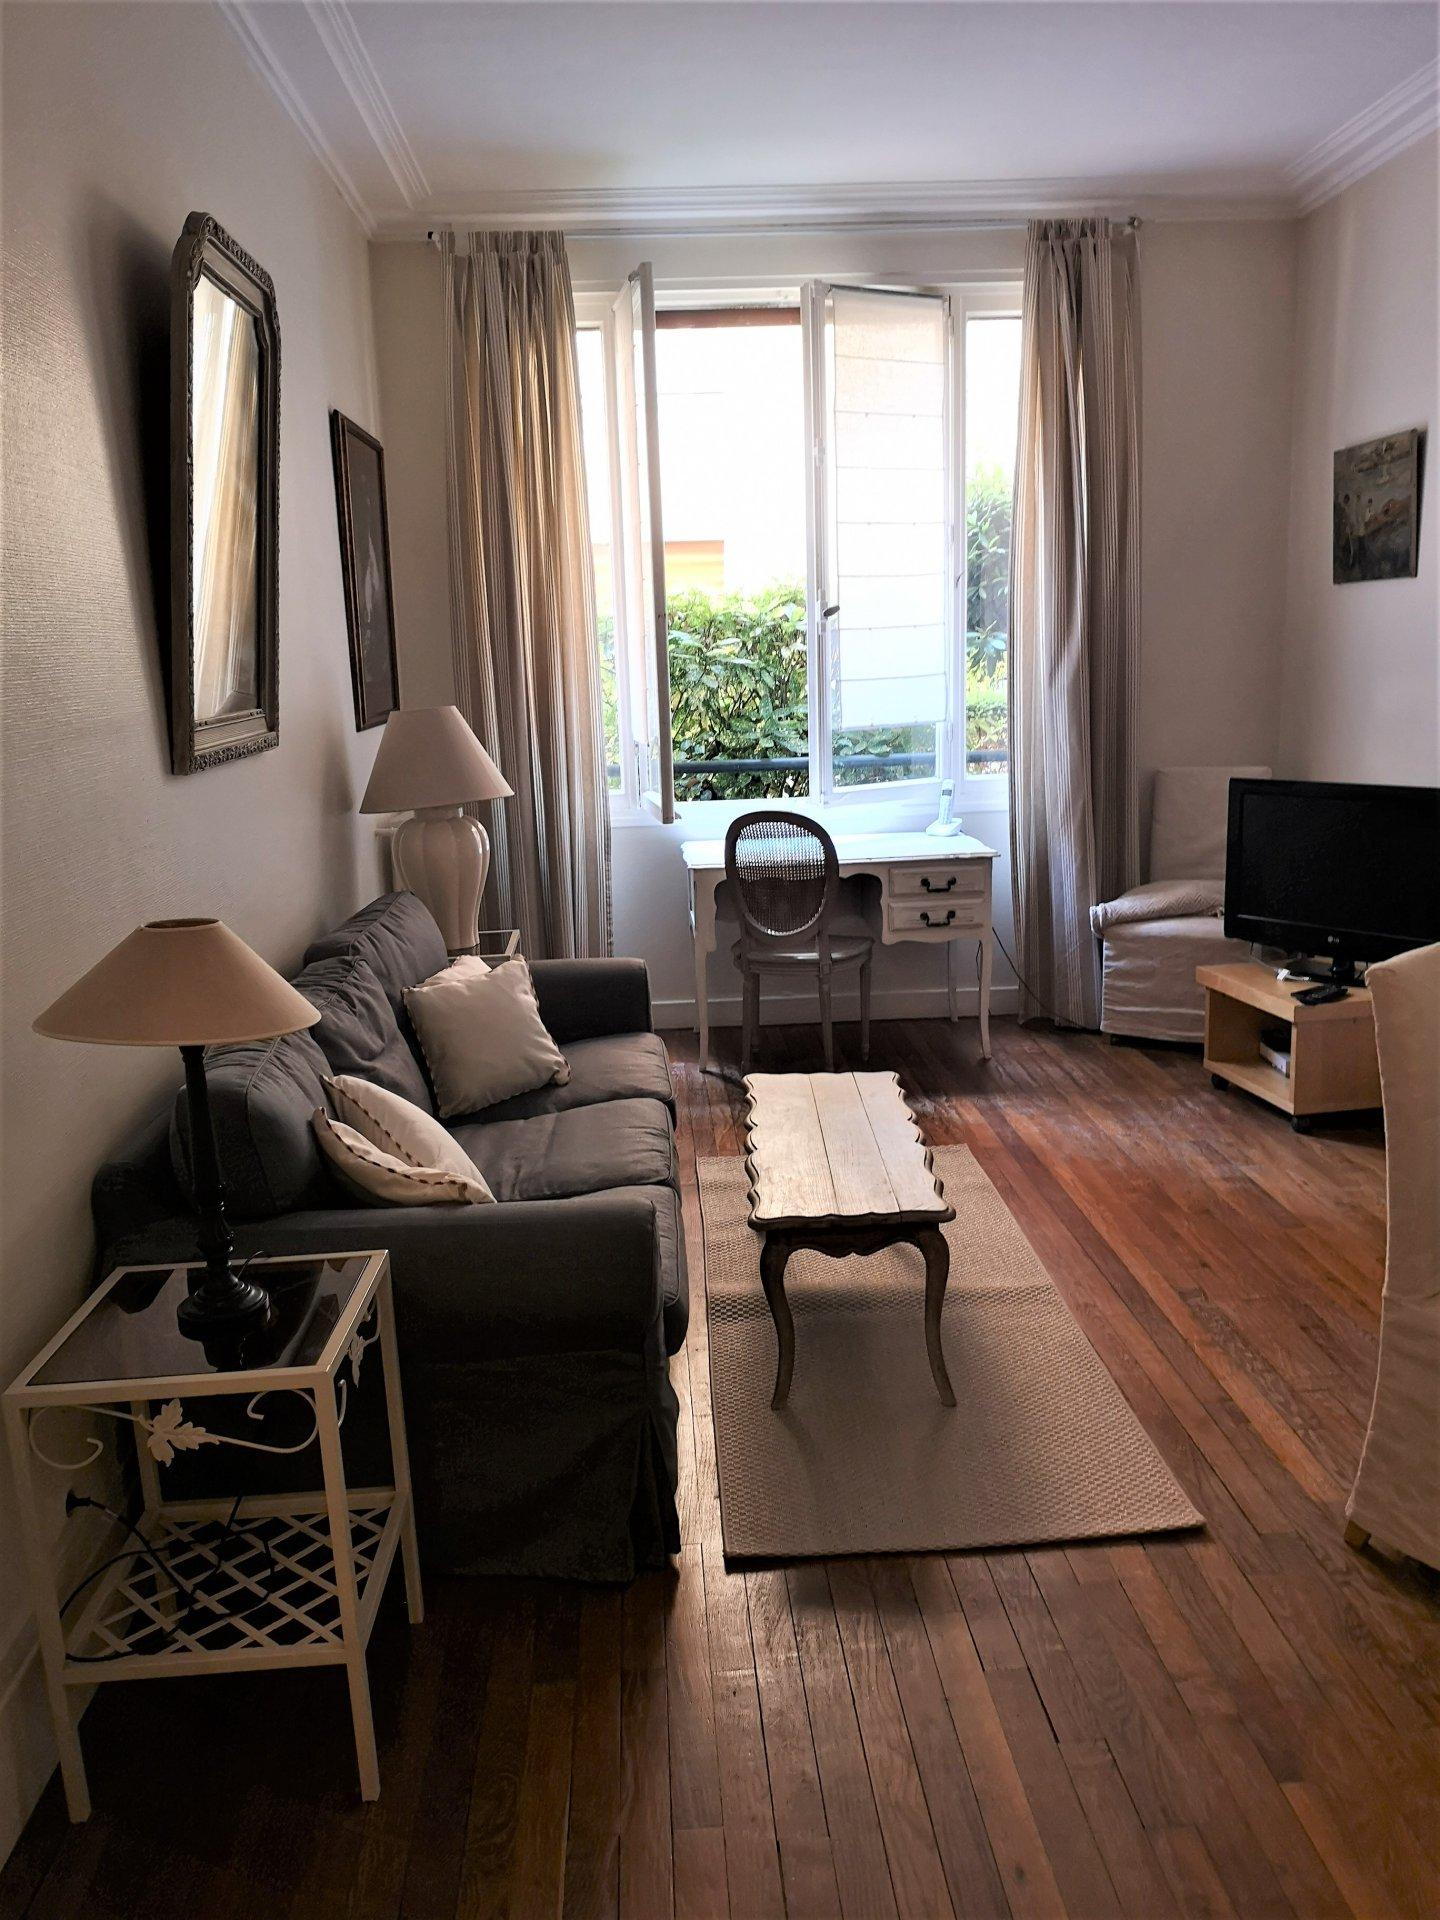 Rental Apartment - Paris 16th (Paris 16ème) Porte-Dauphine